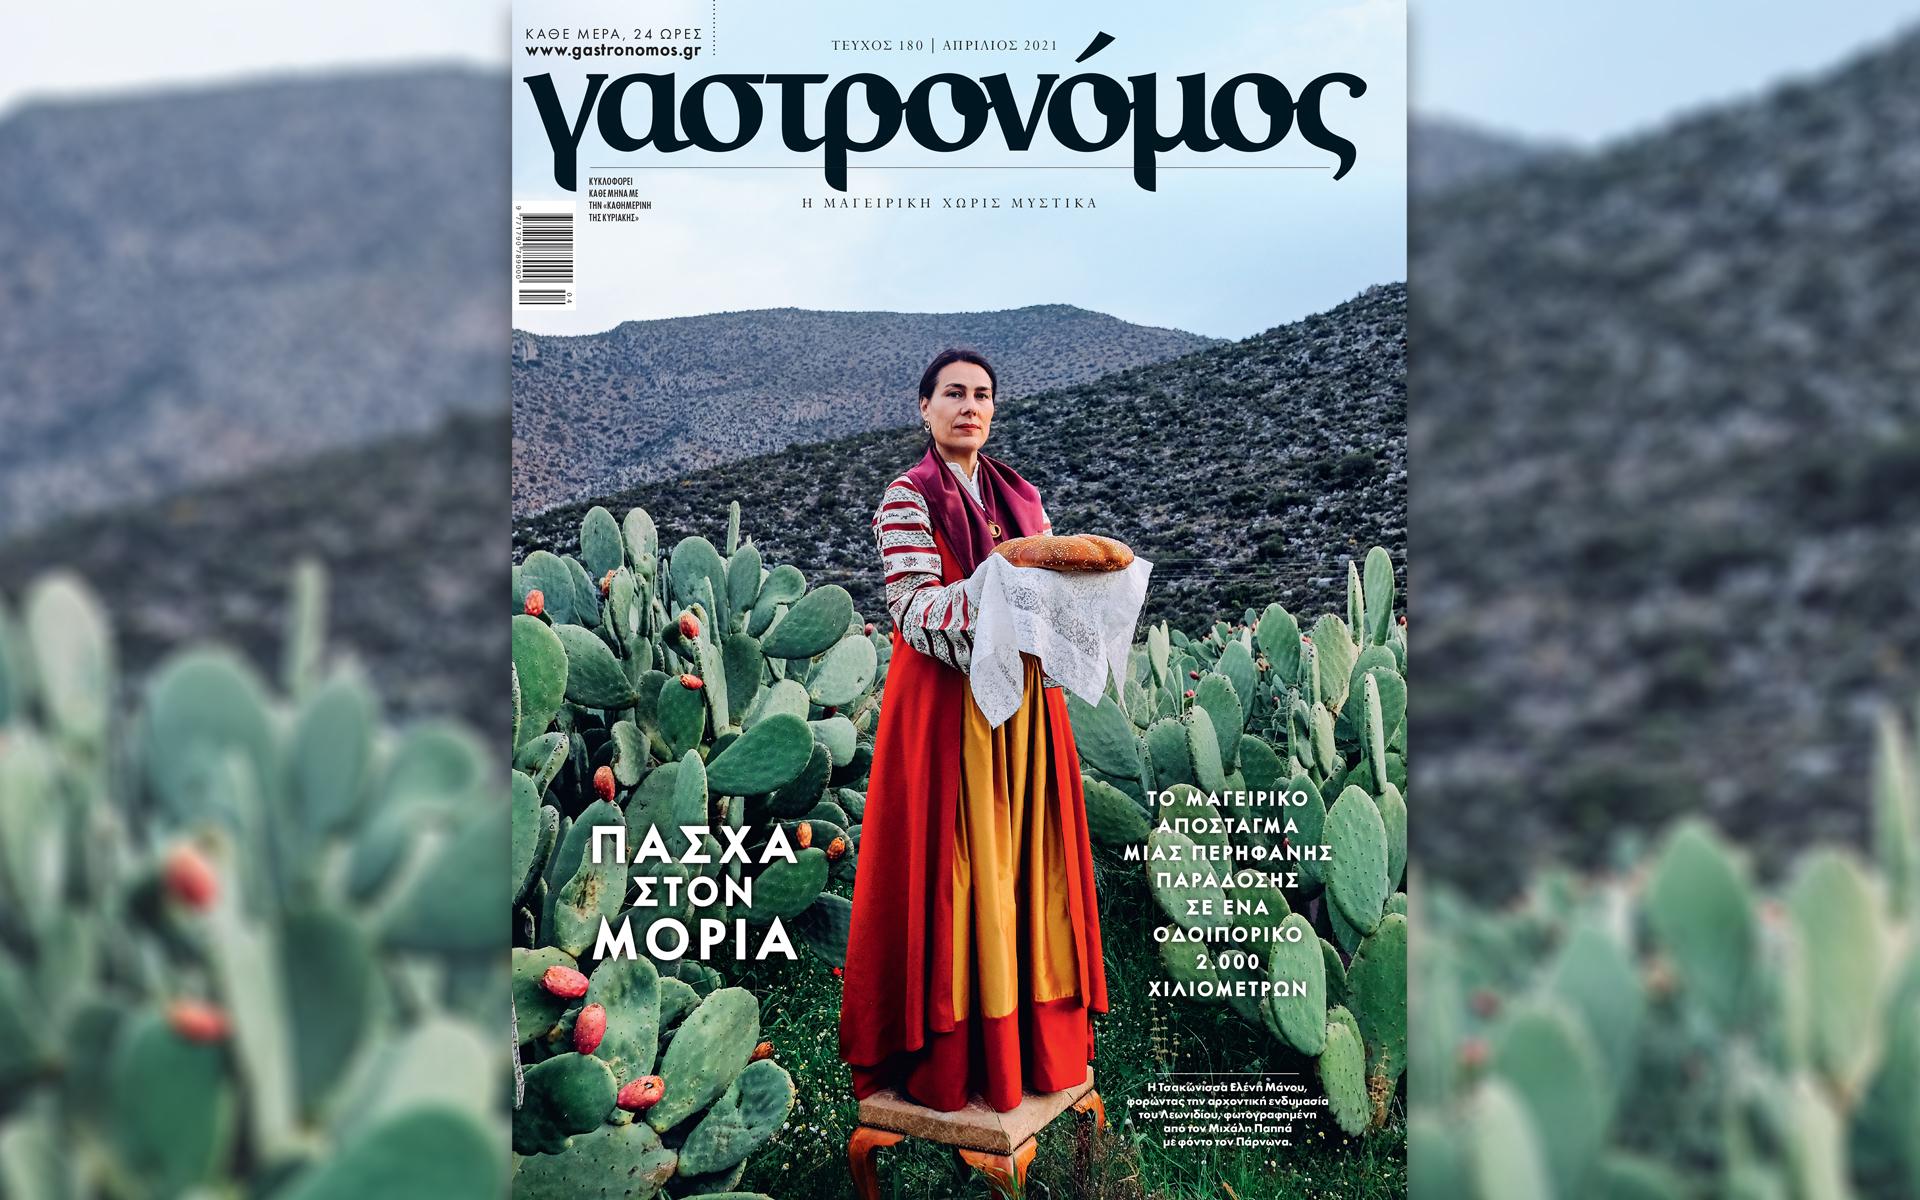 ayti-tin-kyriaki-me-tin-kathimerini-gastronomos-mancode-klassika-eikonografimena-rigas-feraios-periodiko-k-taxidia1